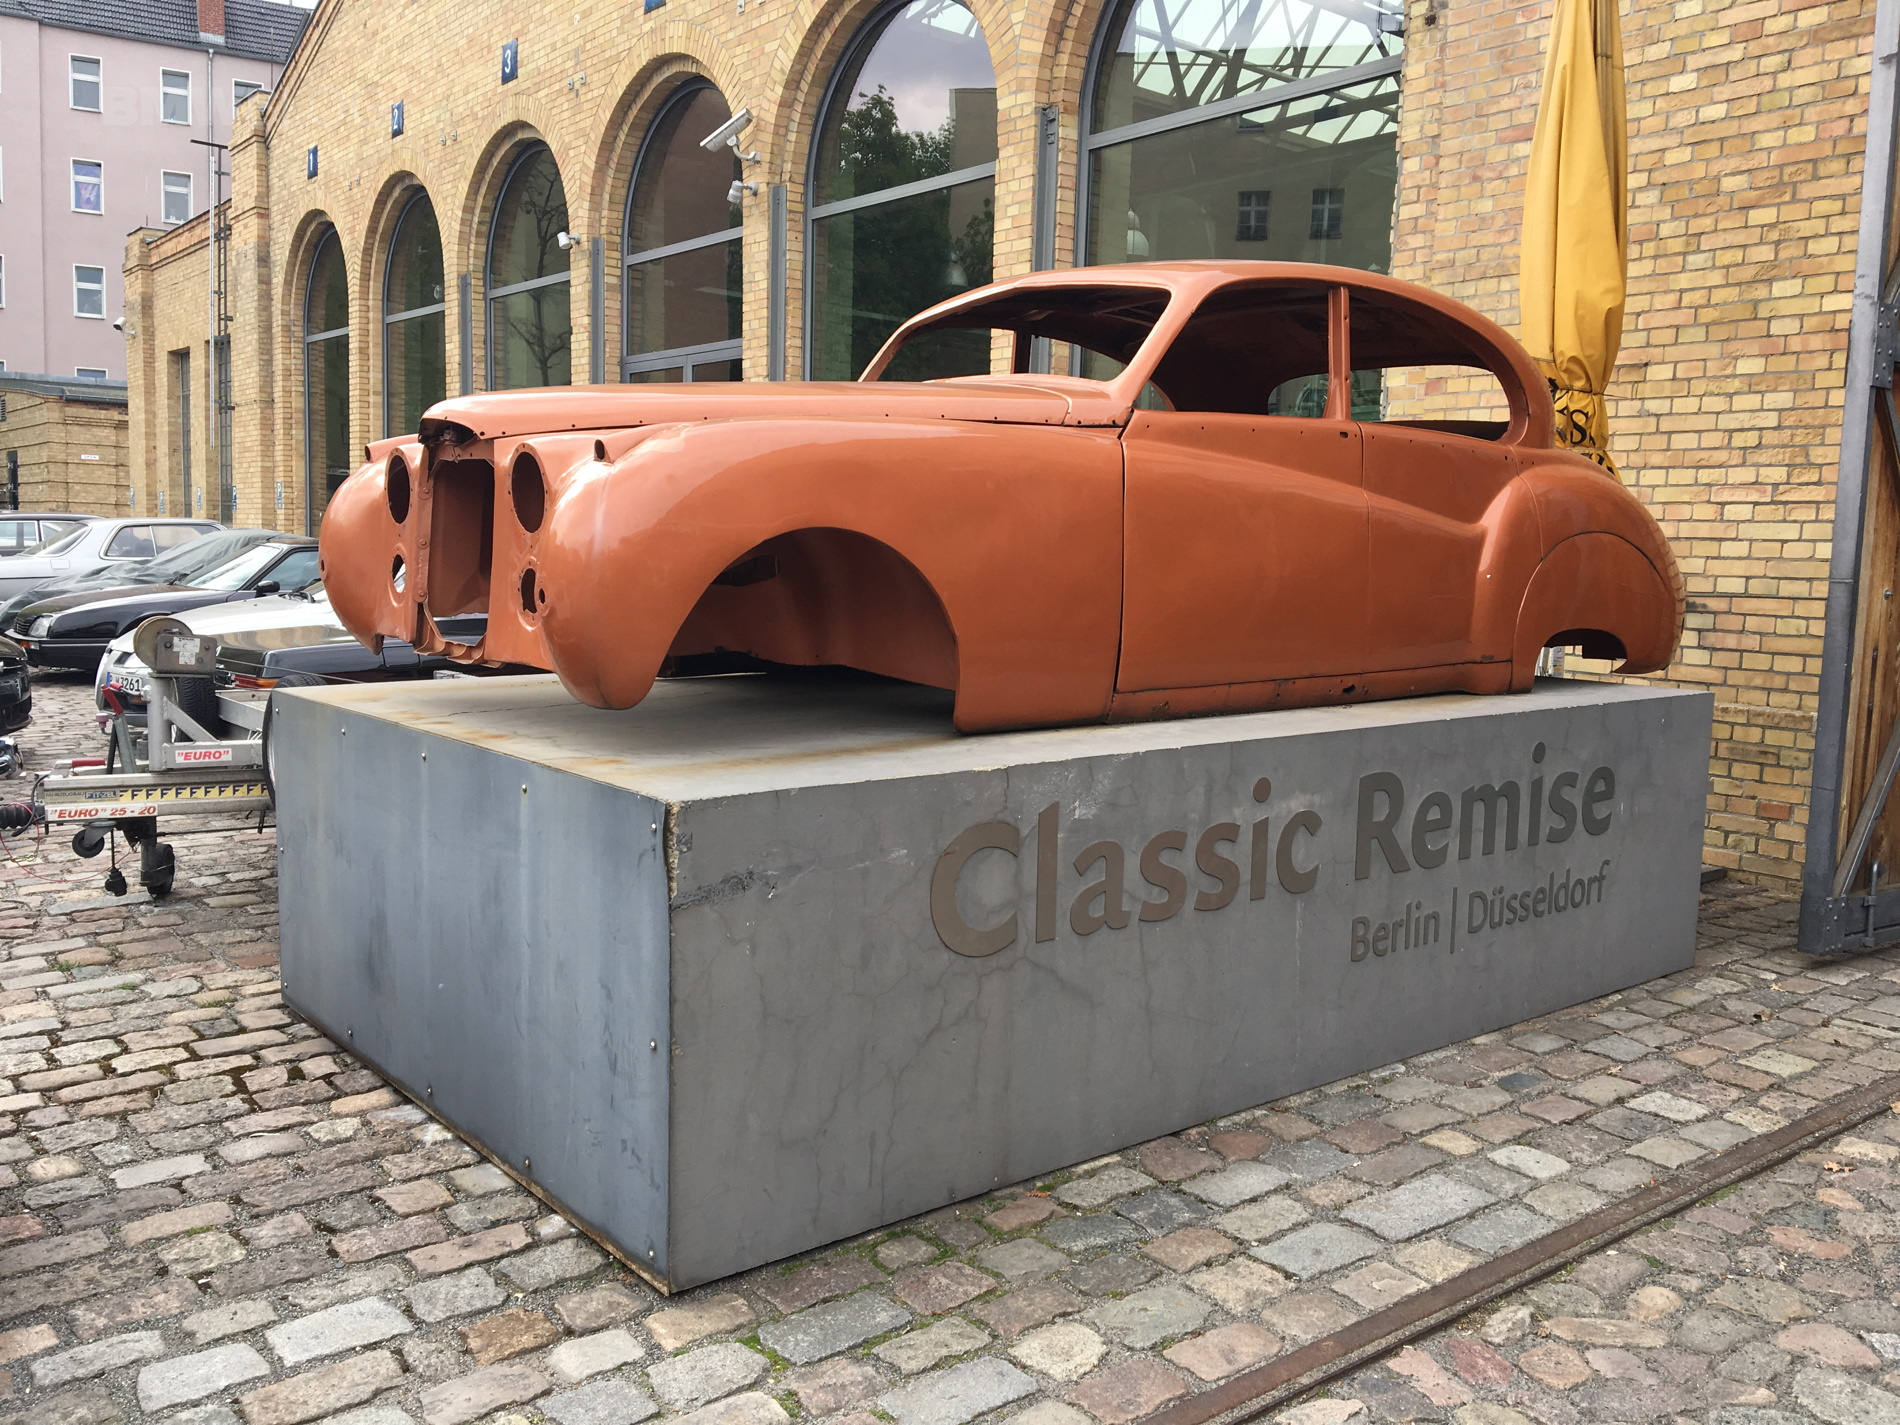 Classic Remise 35